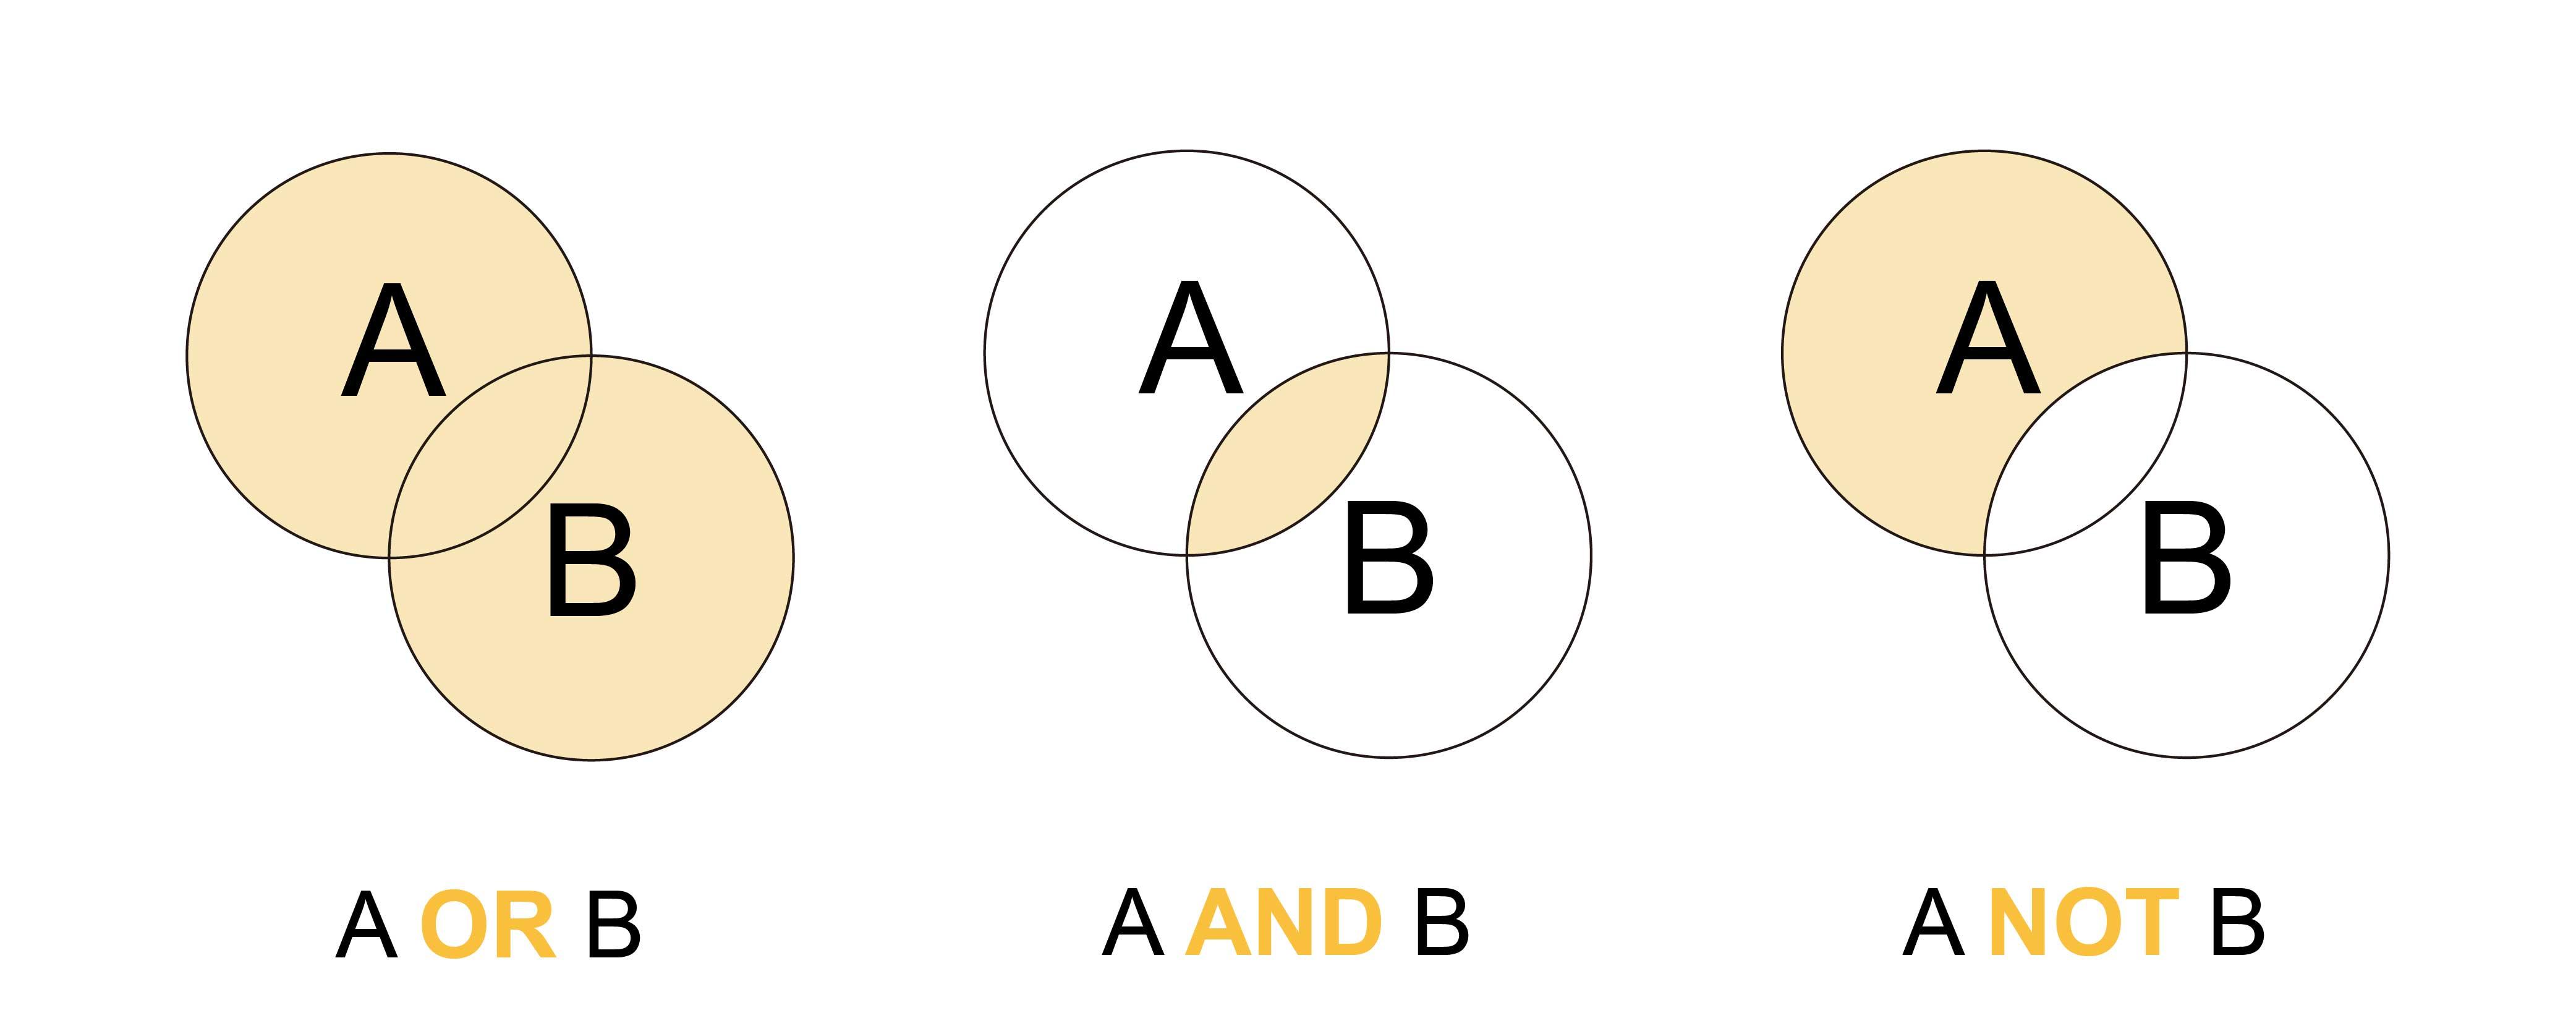 and、or、not 的邏輯概念,也是電子電路、電腦程式碼的基礎。 圖片重製│張語辰